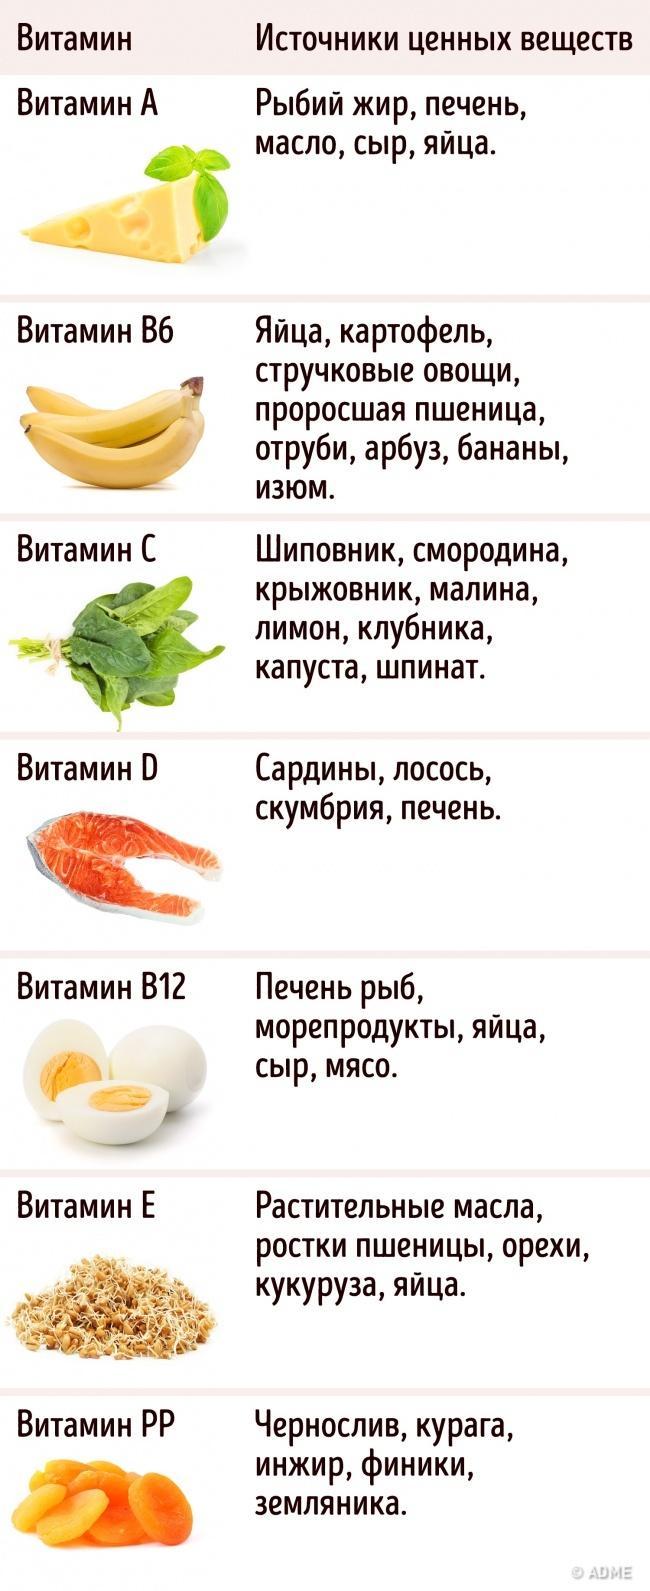 6 важных фактов, которые следует знать о приеме витаминов